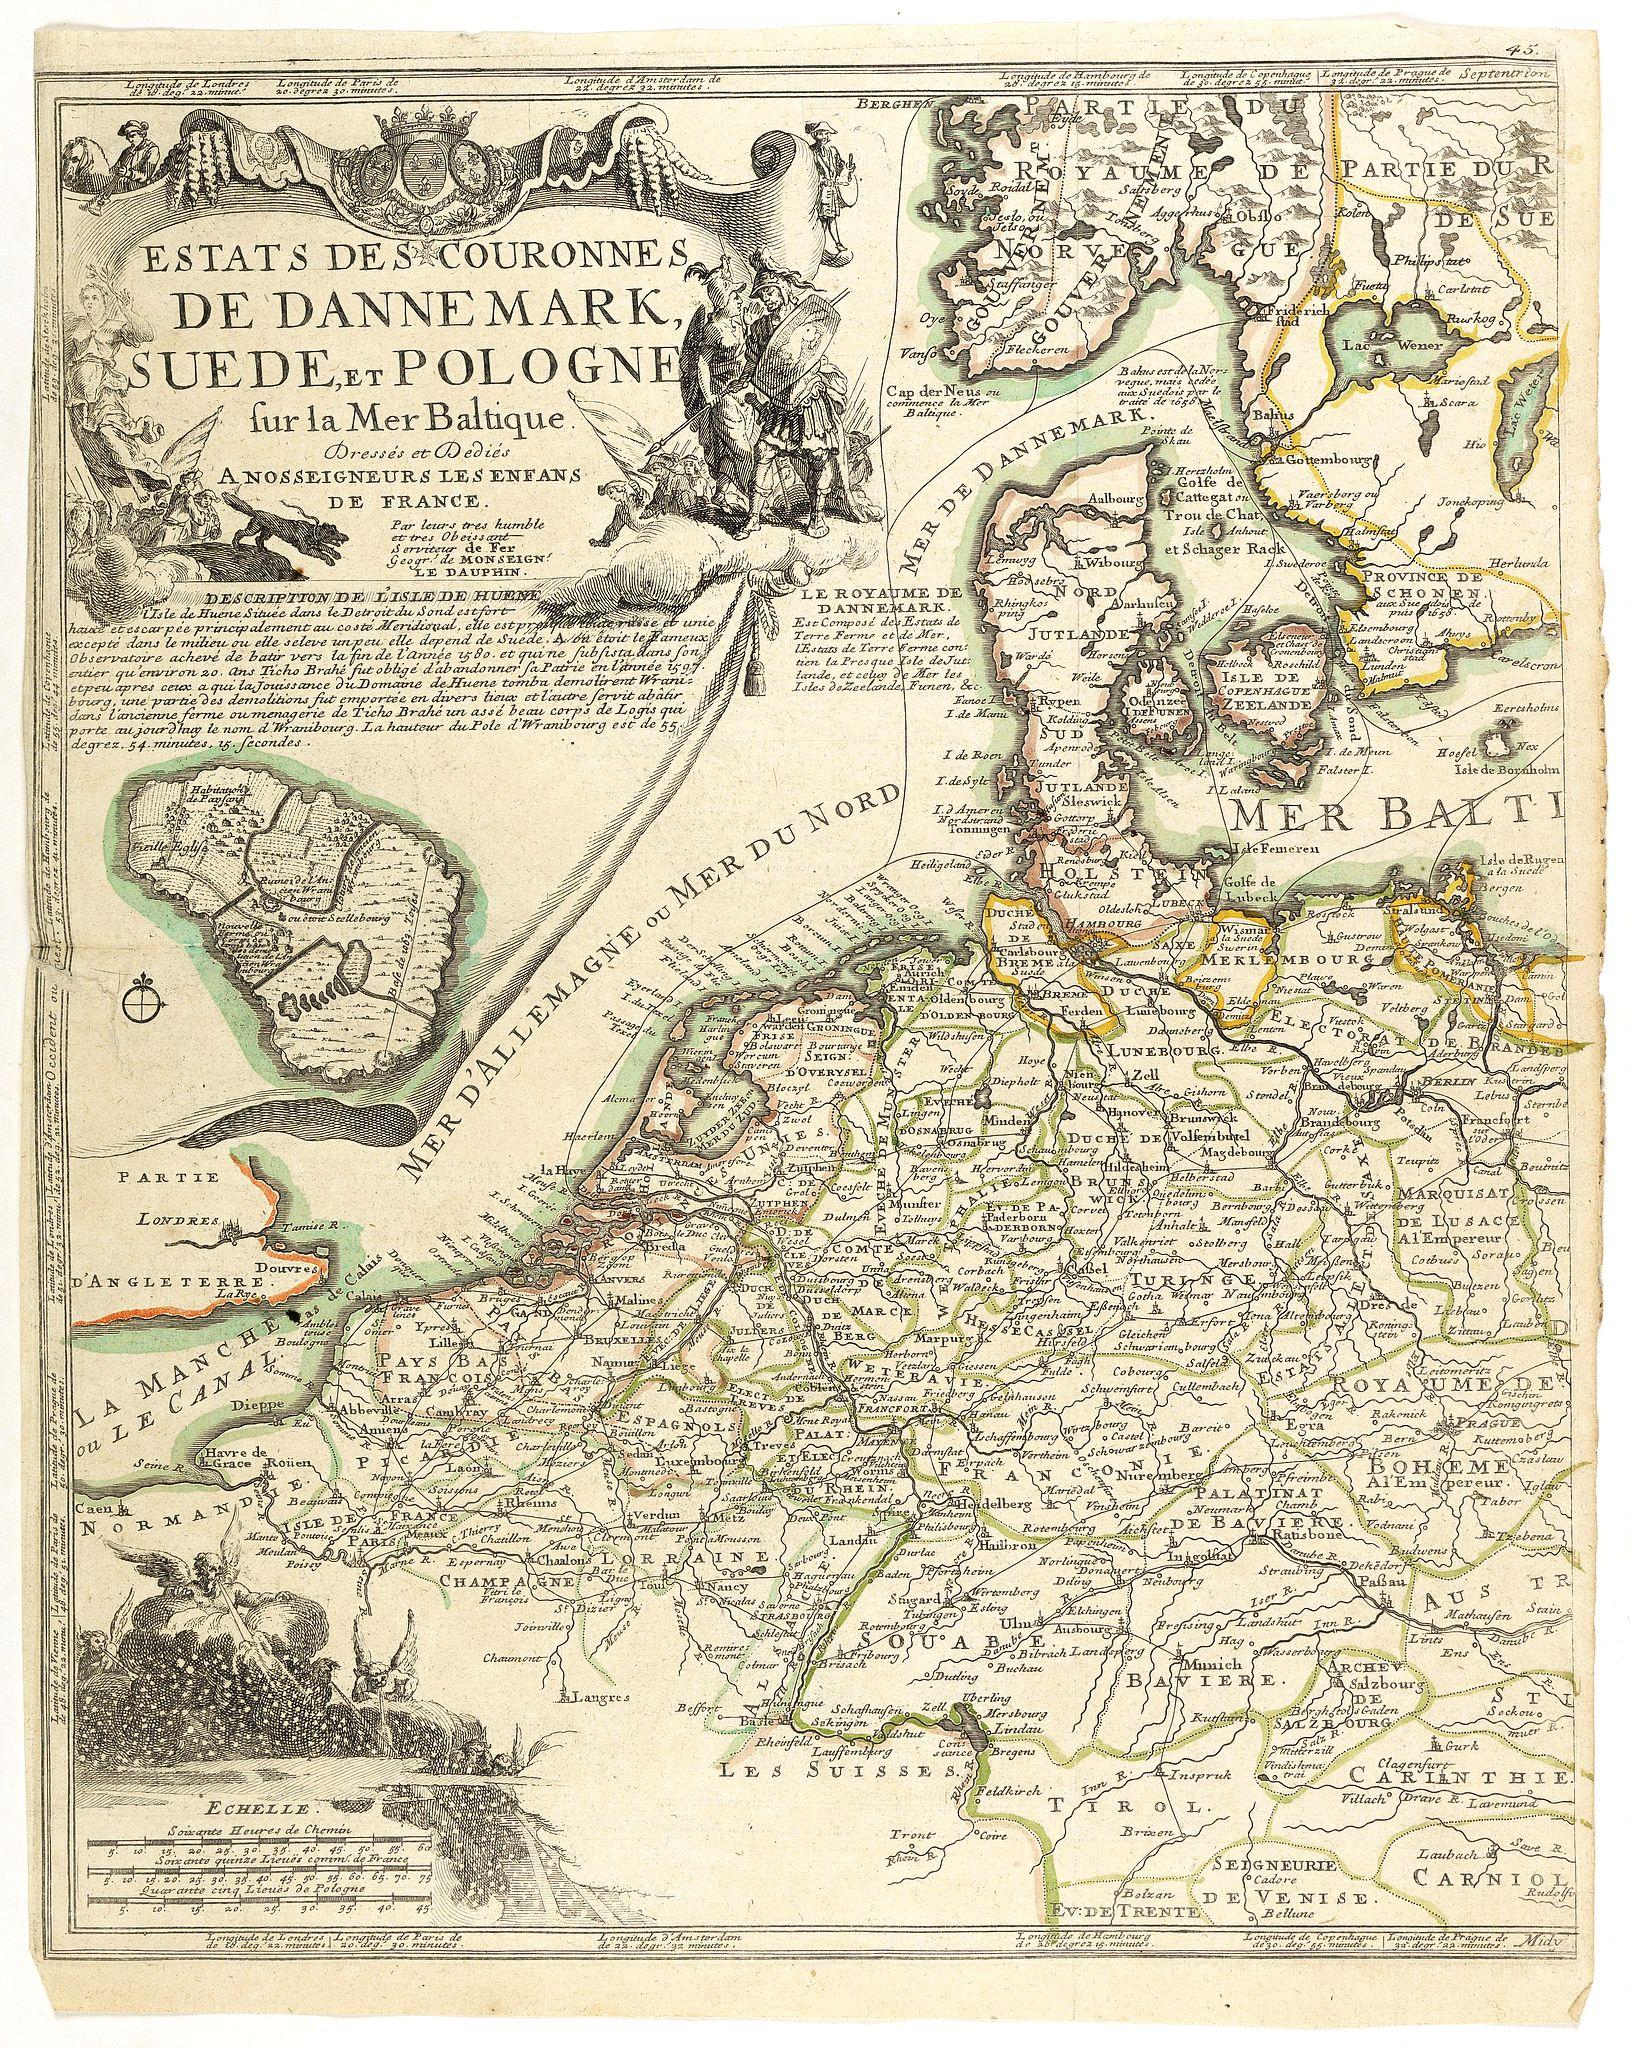 DE FER, N. -  Estats..de Dannemark, Suede, et Pologne..